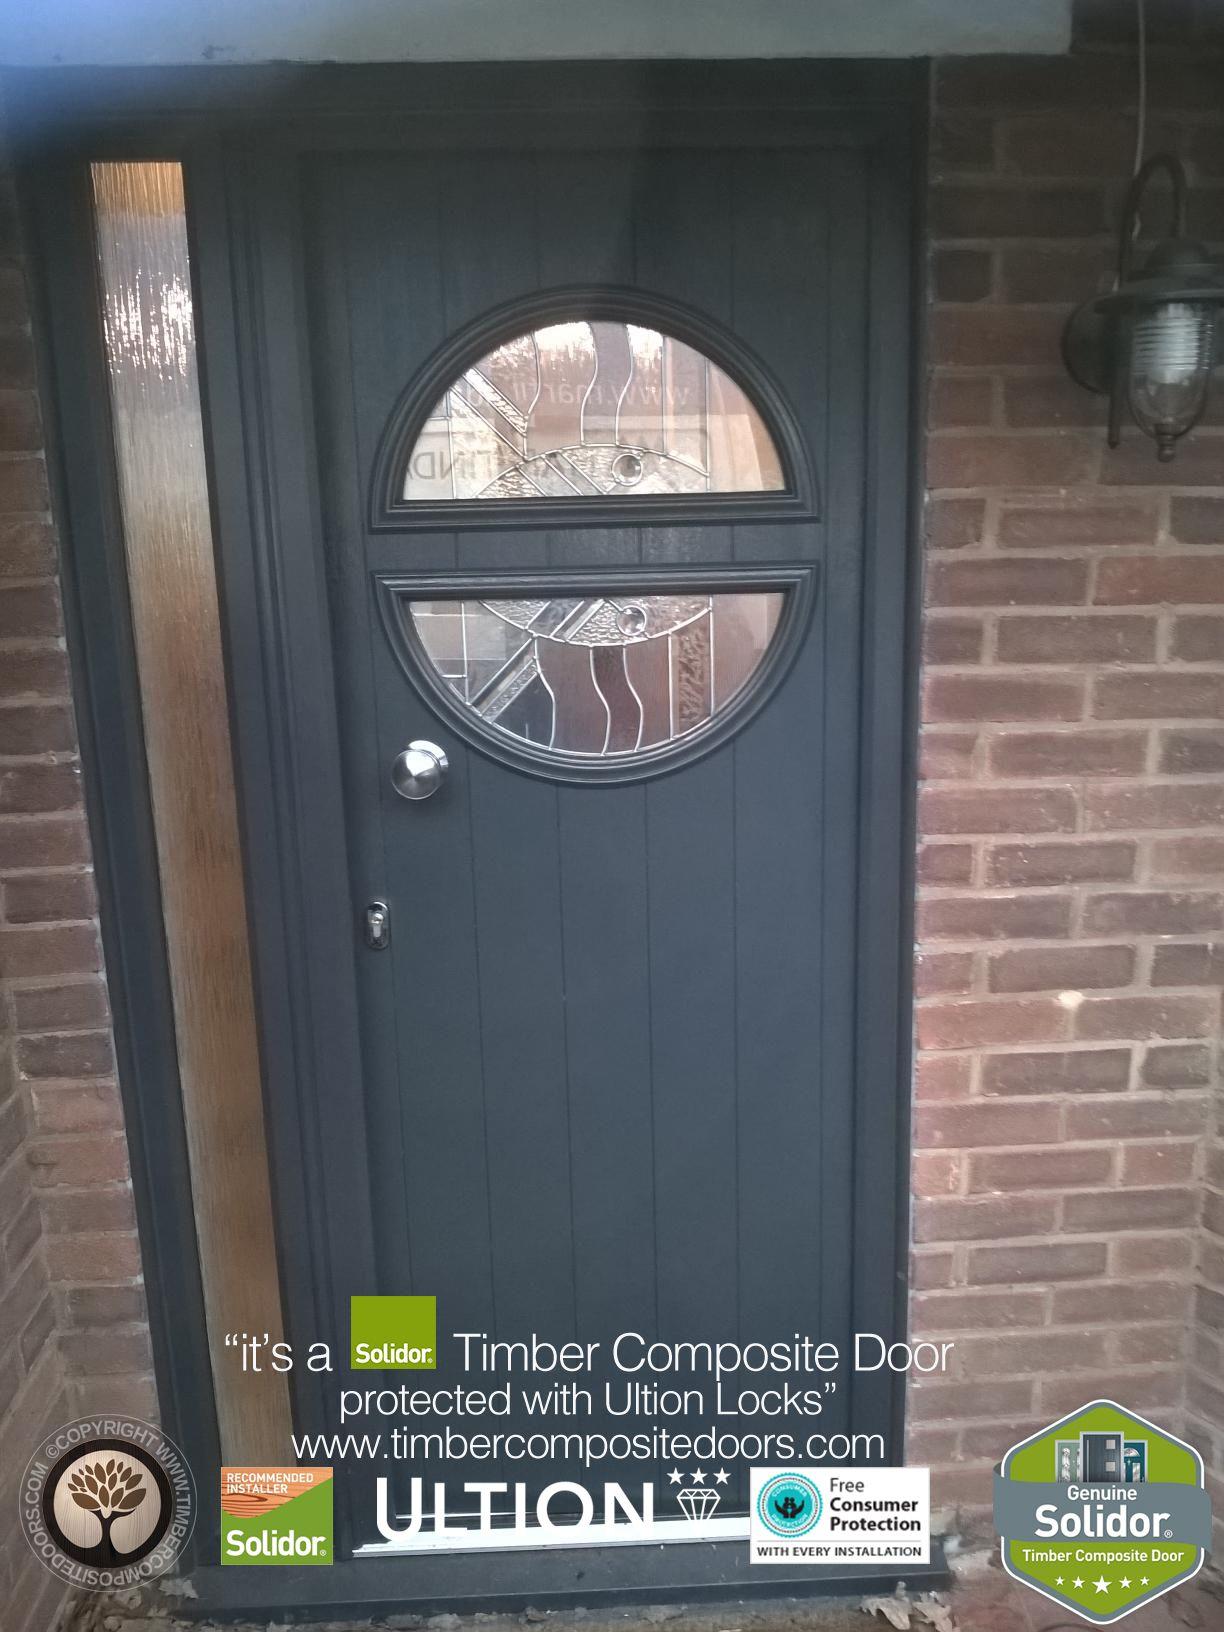 Solidor Composite Doors By Timber Composite Doors The Largest Range Of Timber Core Composite Door Composite Door Composite Front Door Contemporary Front Doors